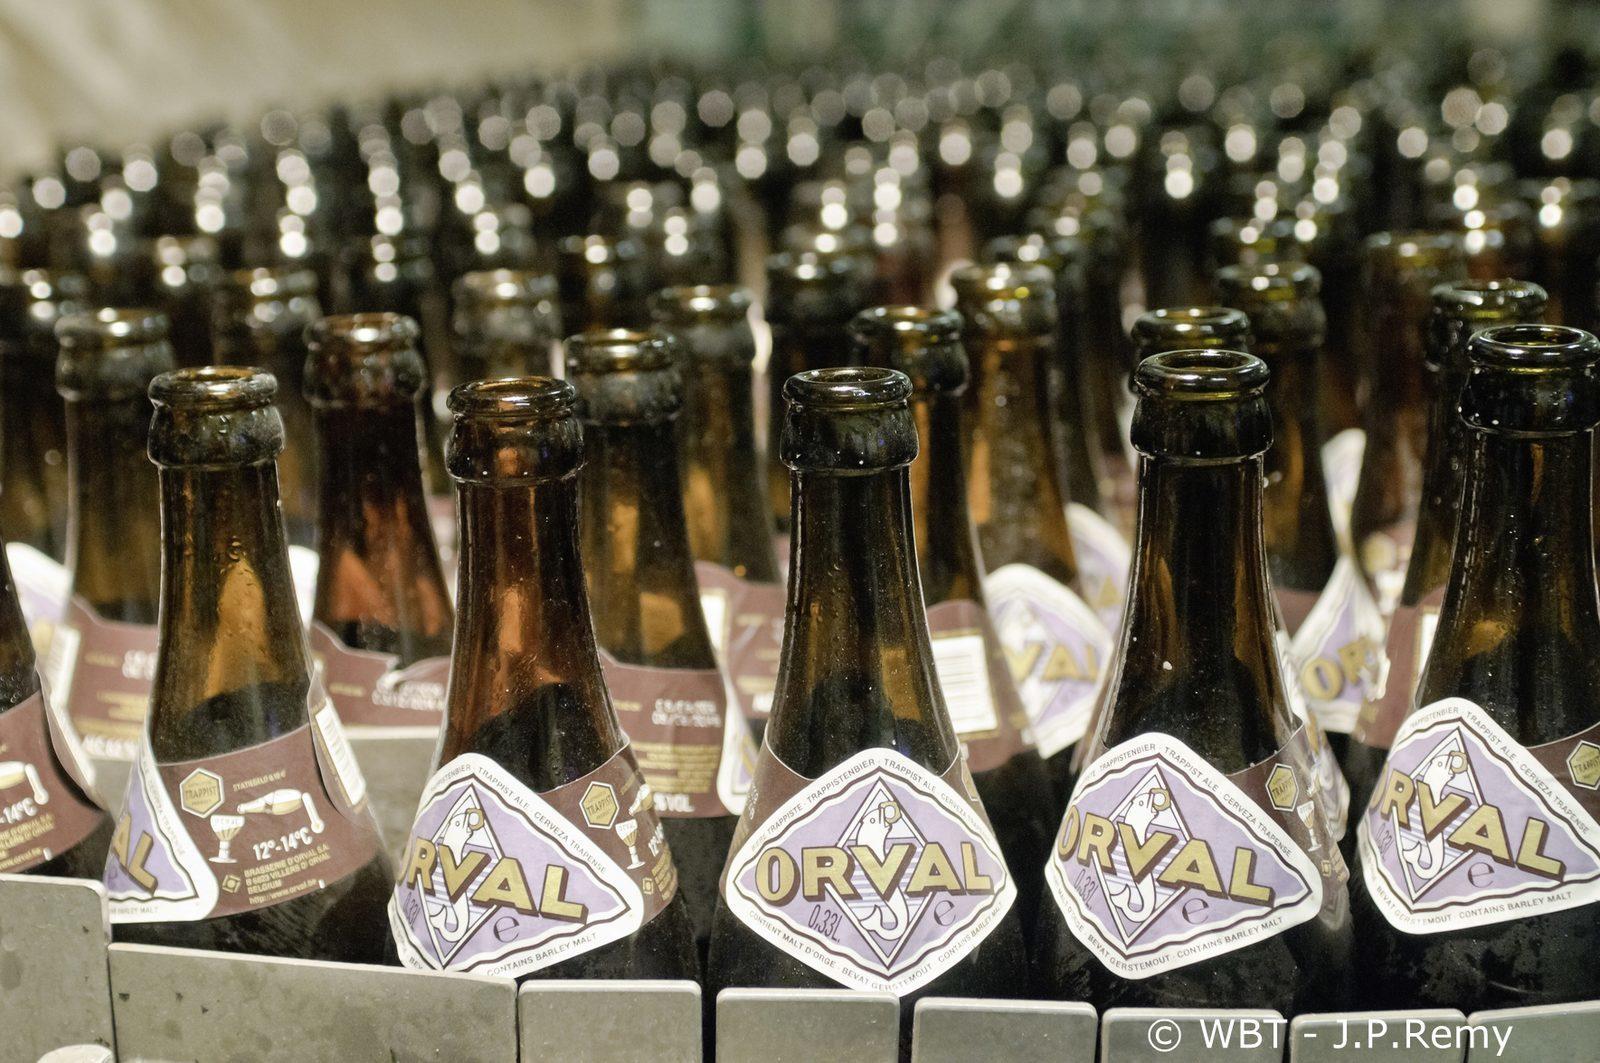 Bezoek aan een bierbrouwerij in de Belgische Ardennen